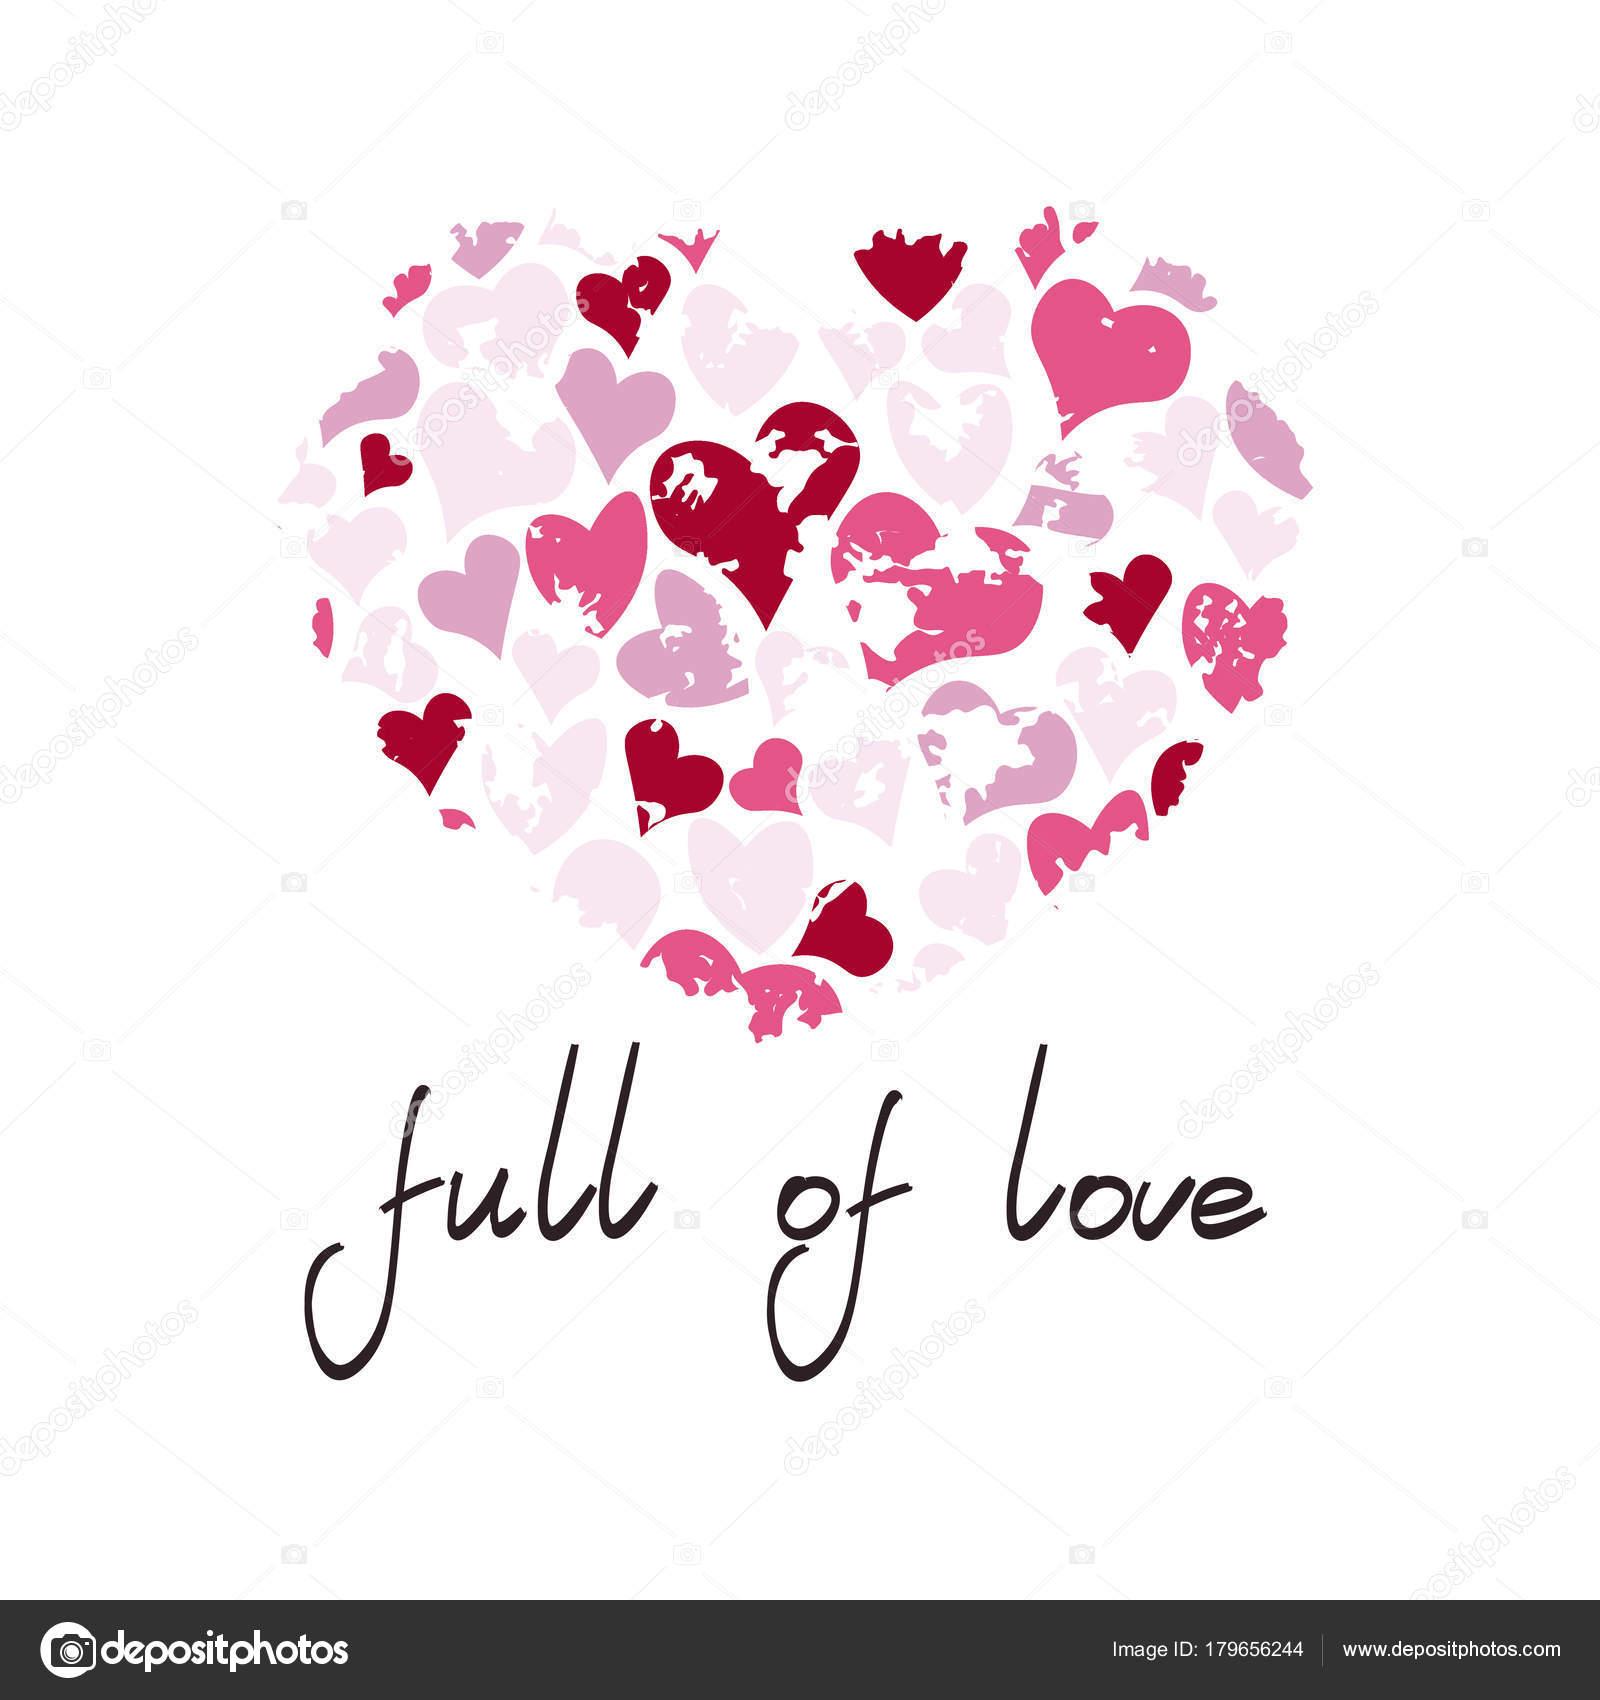 Imagenes Corazon Descargar Corazon Con Frase Llena De Amor